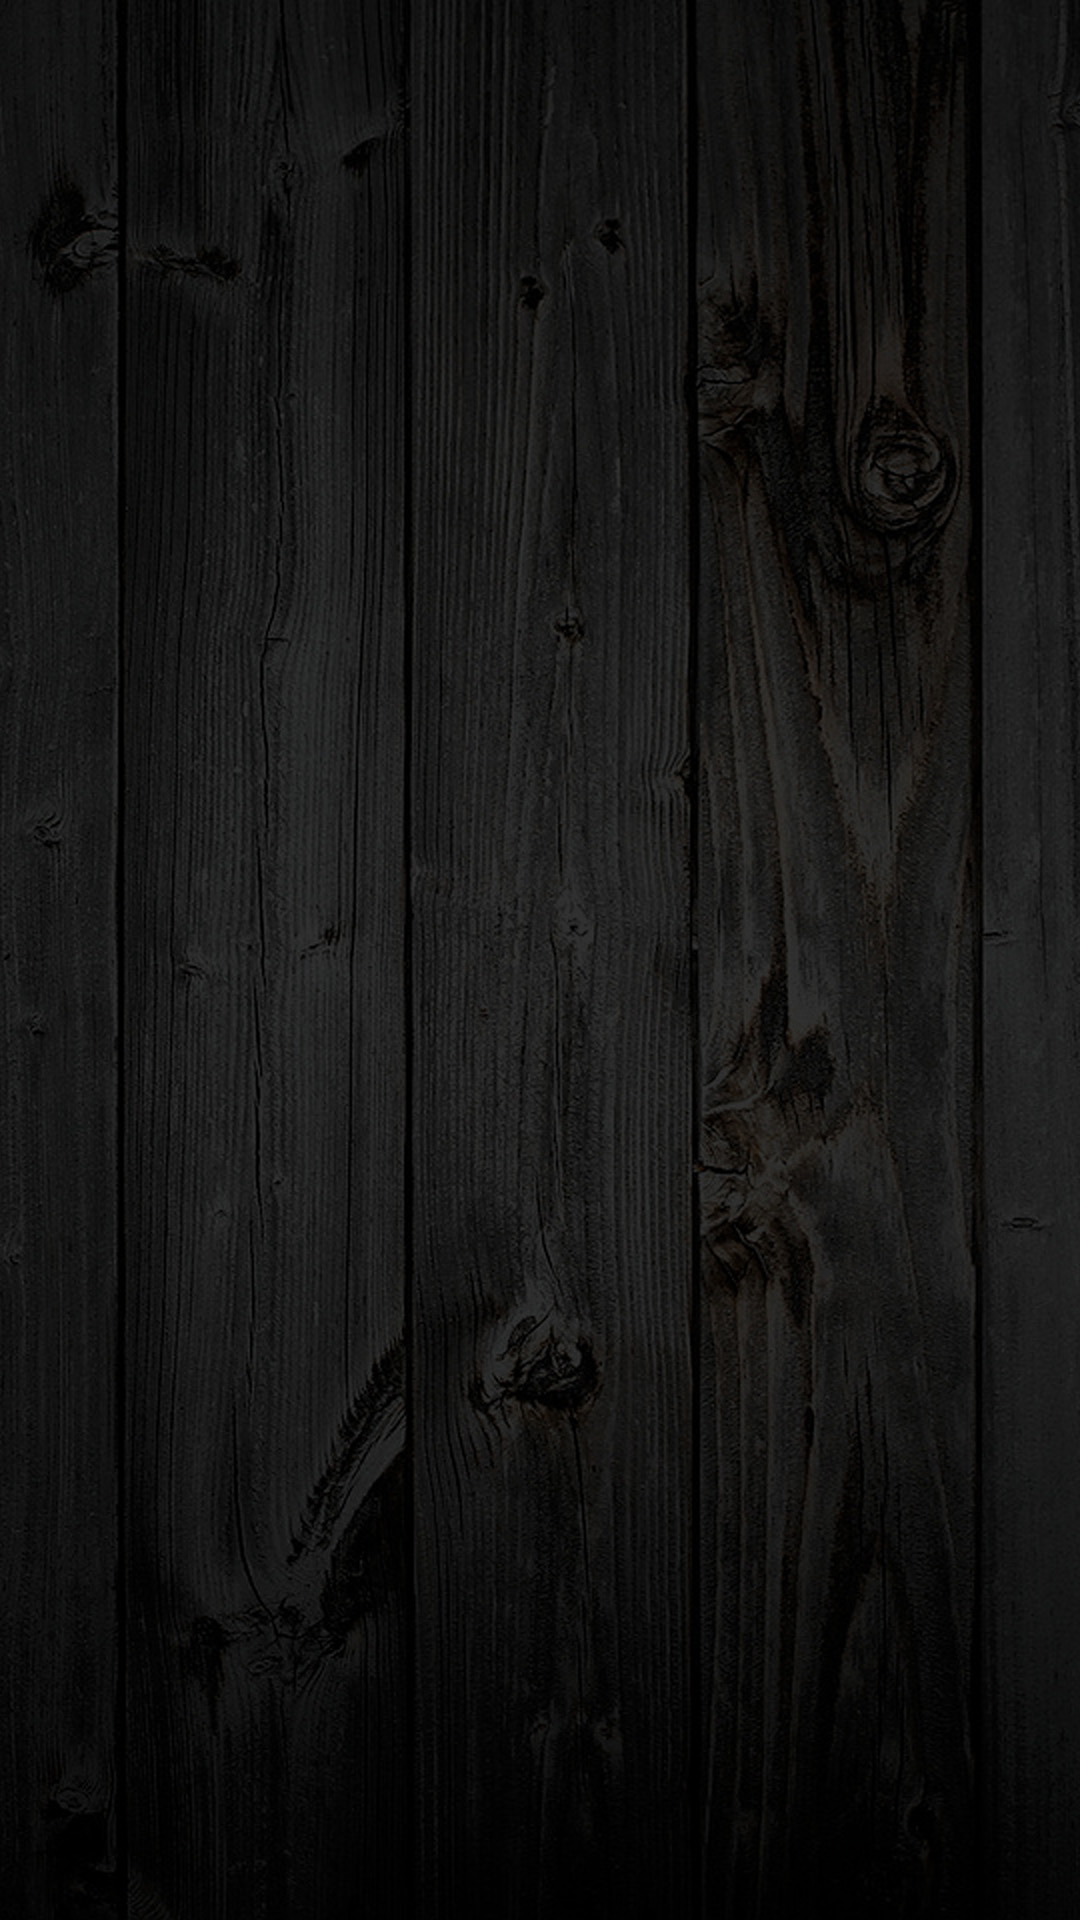 1920x1200 hd wallpaper dark wood - photo #1